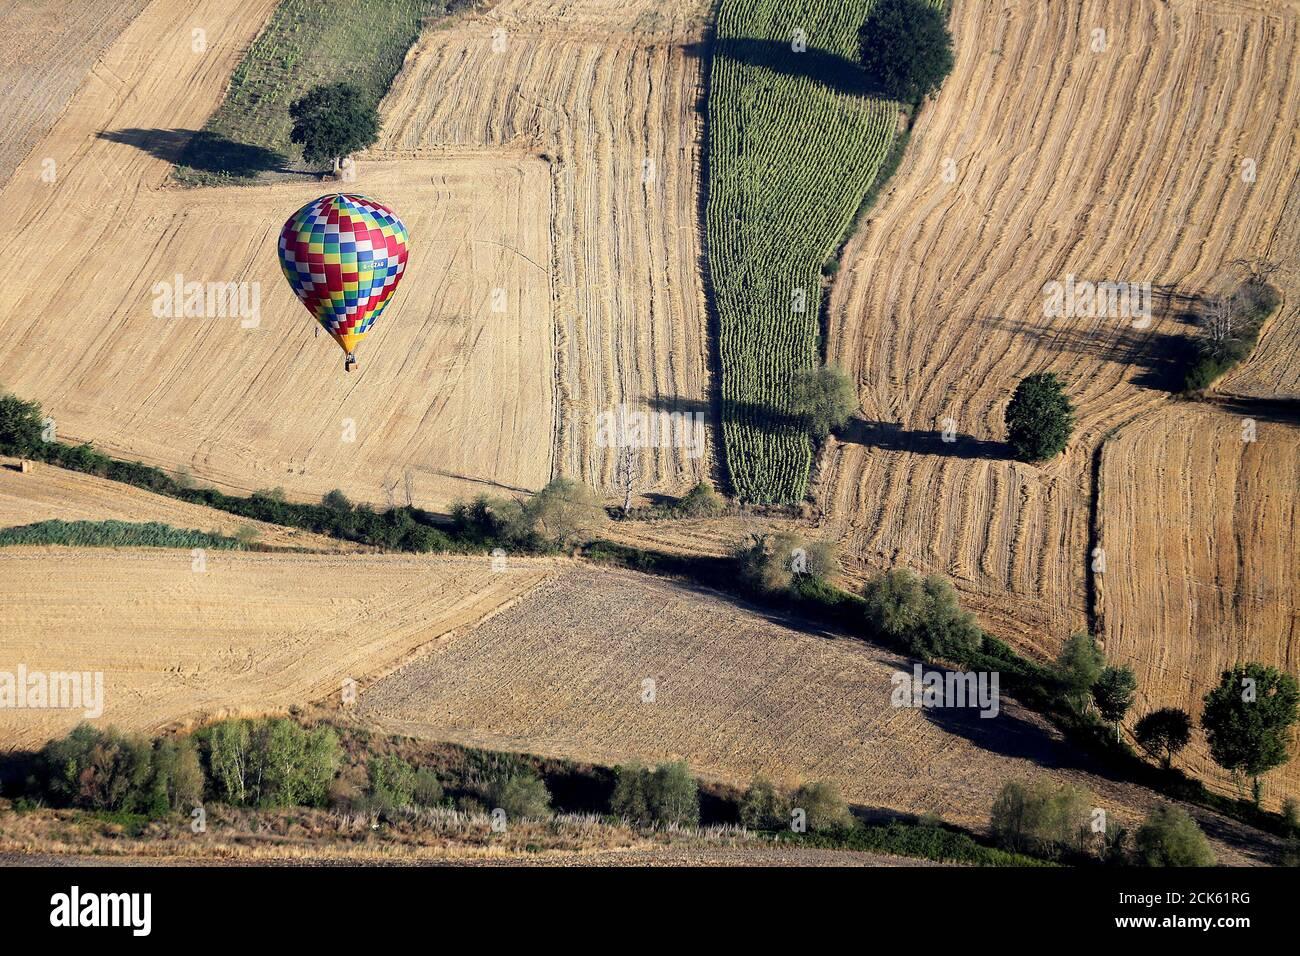 Un ballon à air chaud vole lors d'un vol en montgolfière à Todi, Italie, le 29 juillet 2017. REUTERS/Alessandro Bianchi Banque D'Images